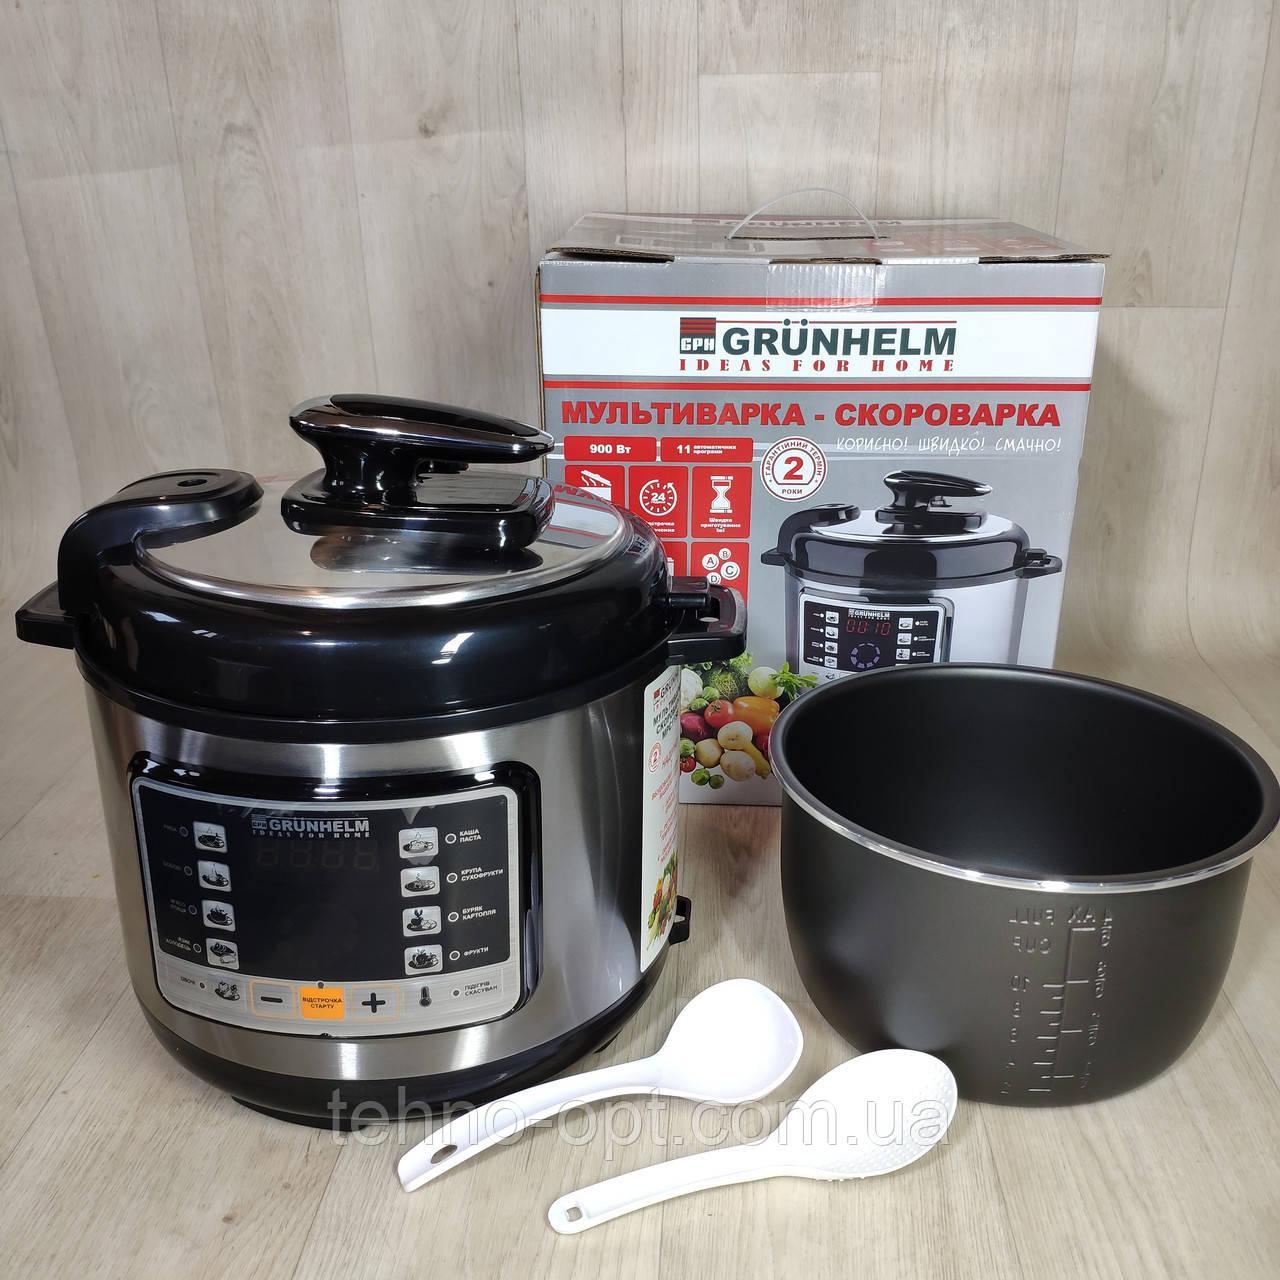 Мультиварка - скороварка Grunhelm MРC-11SB 5 литров